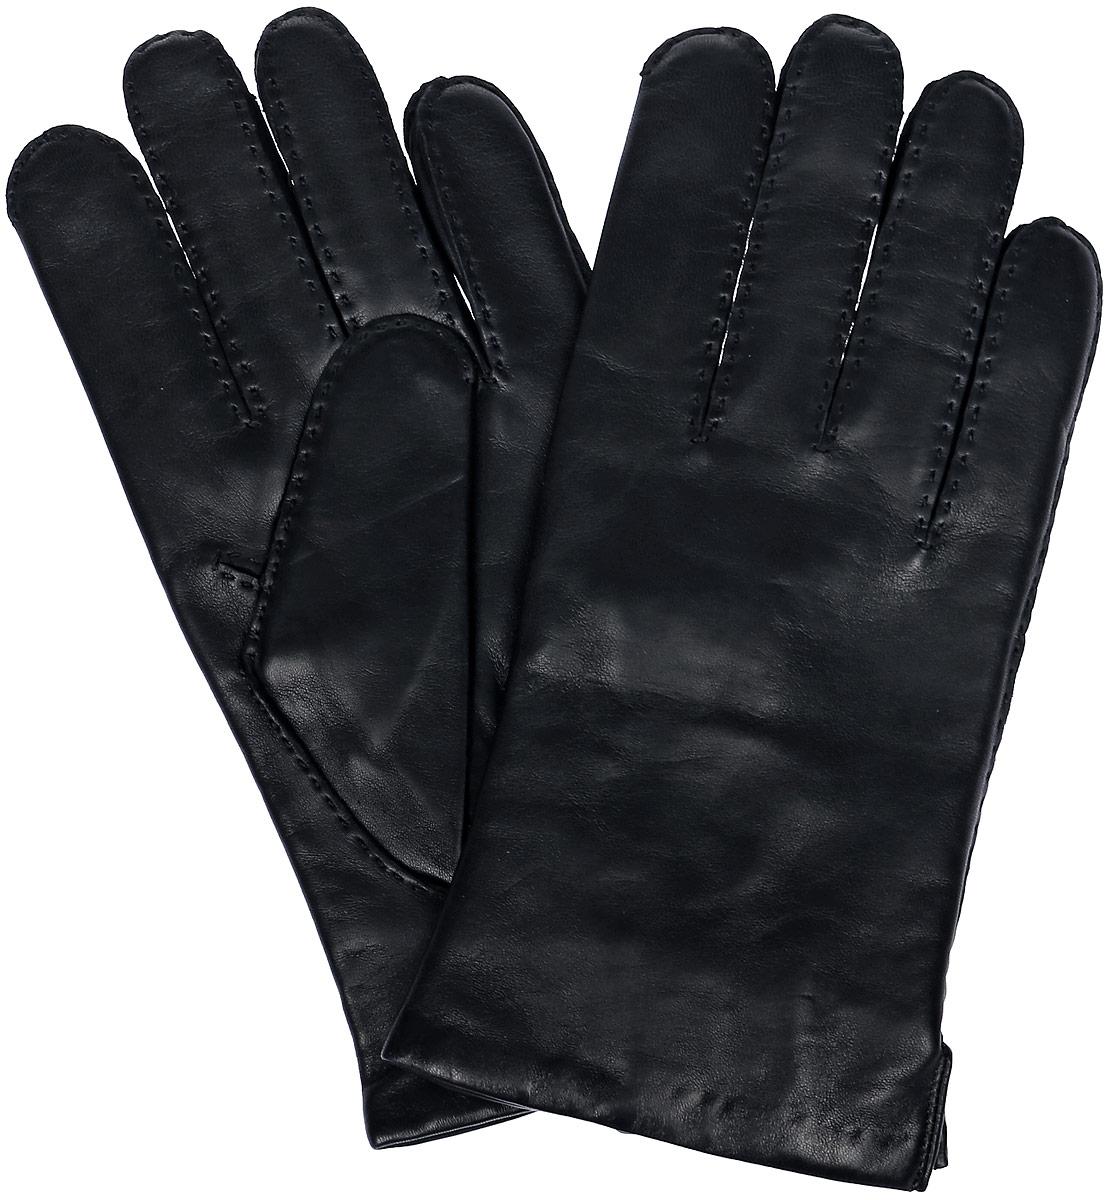 ПерчаткиK100-PORINGE/BLМужские перчатки Michel Katana не только защитят ваши руки, но и станут великолепным украшением. Перчатки выполнены из натуральной кожи, а подкладка - из высококачественной шерсти. Модель оформлена декоративными прострочками.